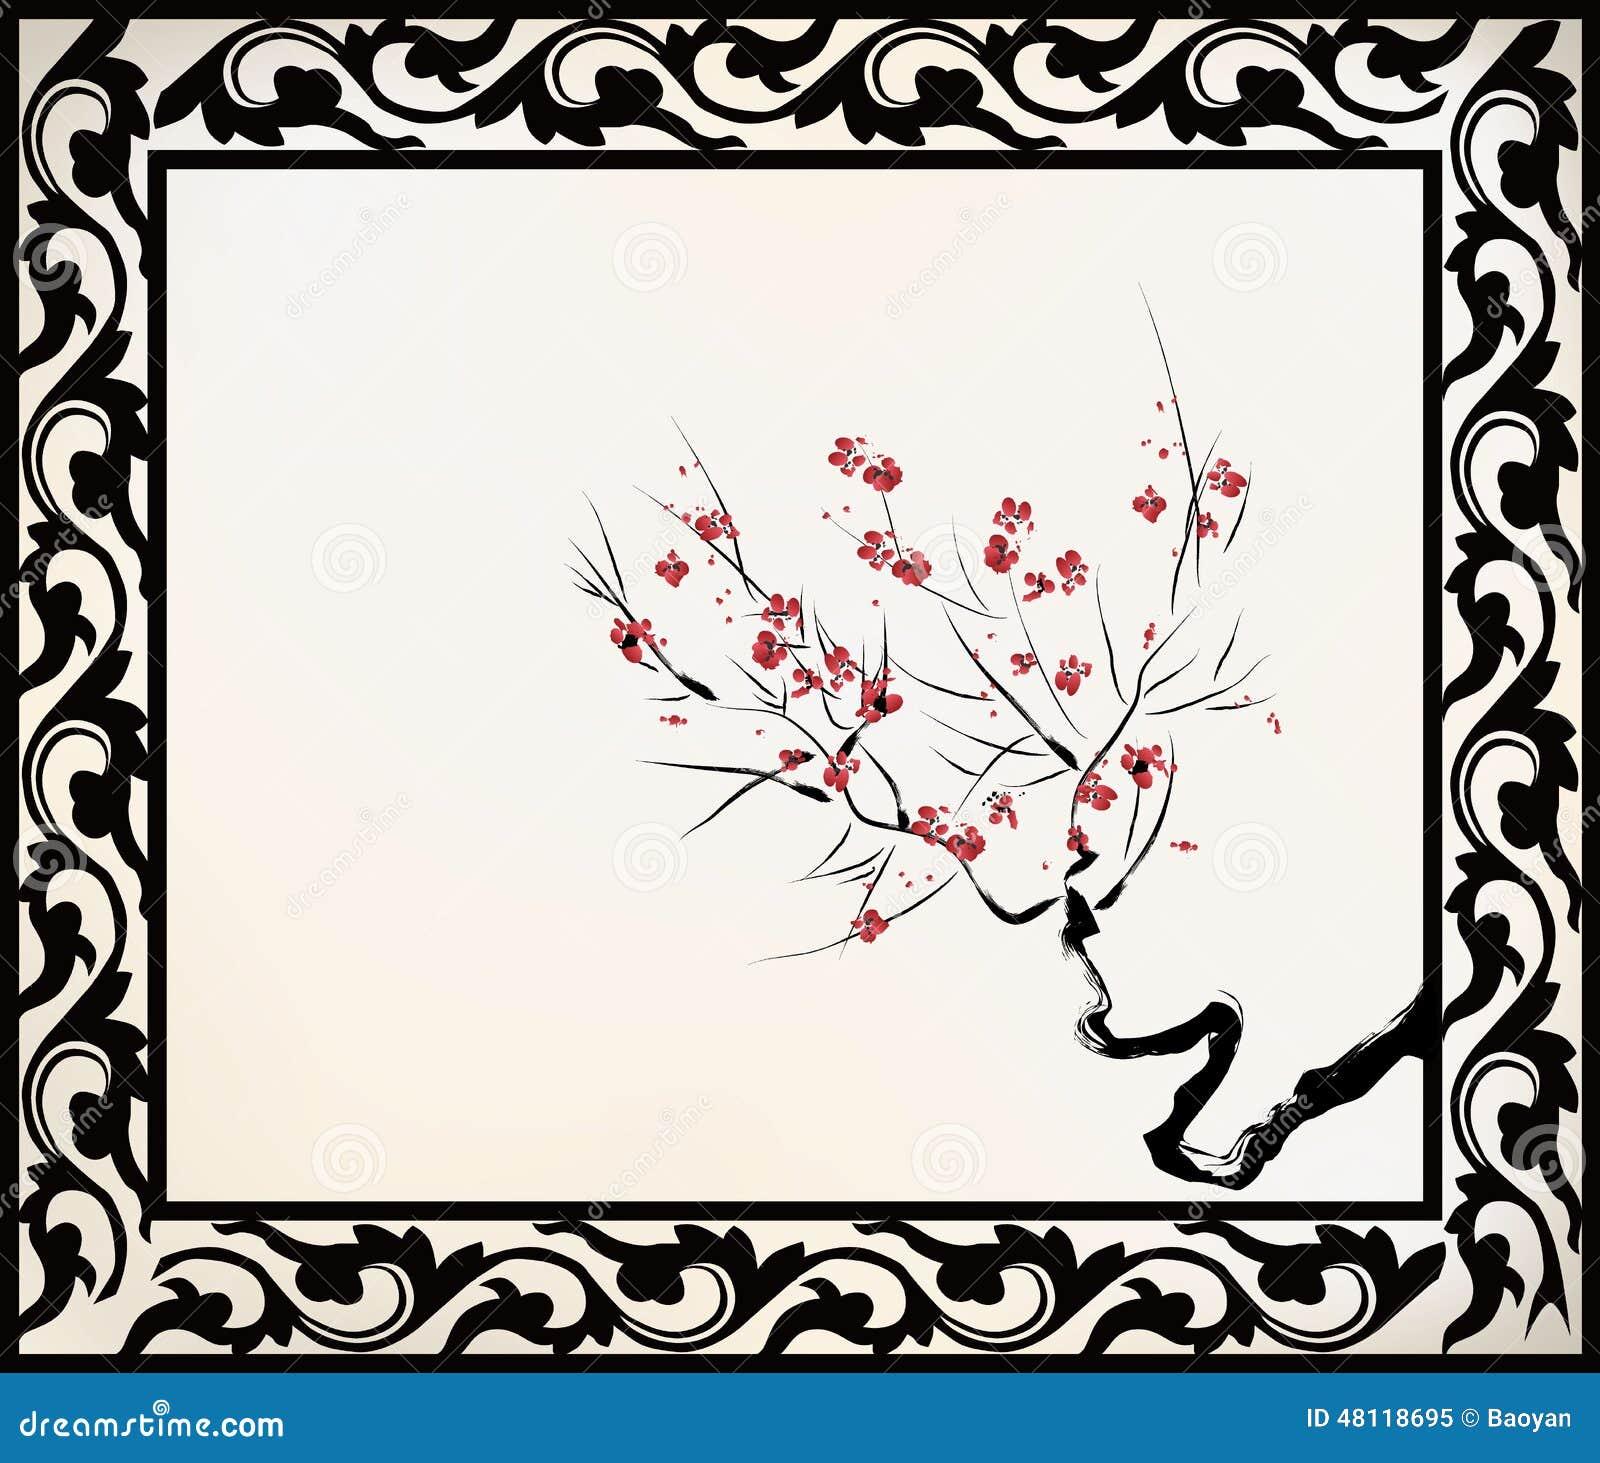 Dessin Chinois De Fleur Illustration De Vecteur Illustration Du